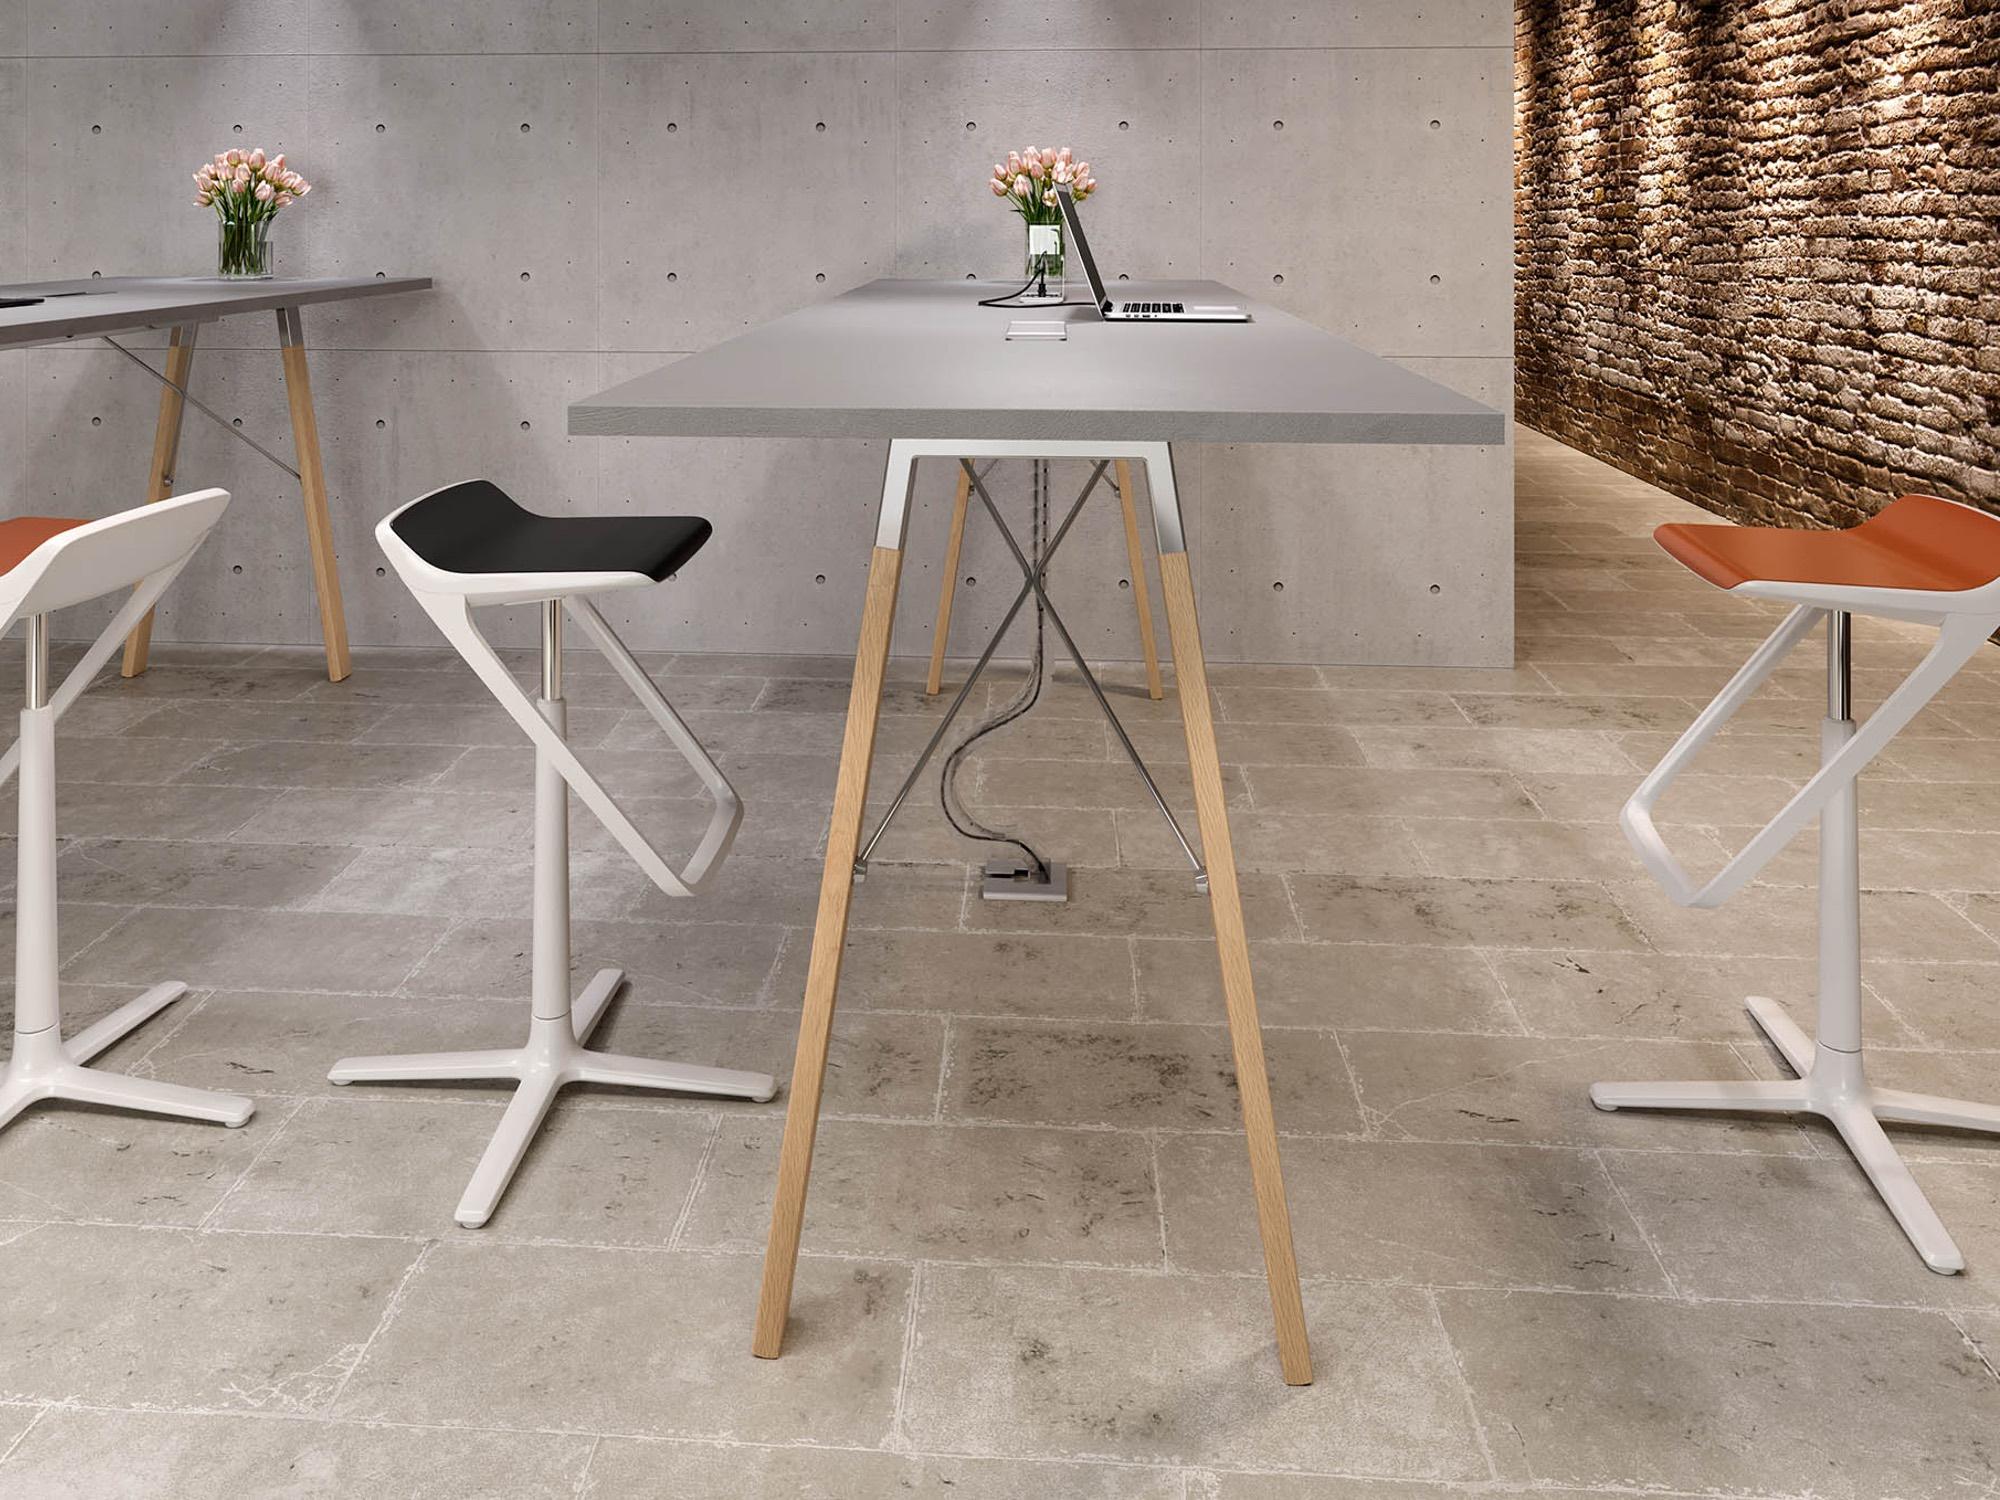 Stehtisch design flow sitz stehtisch with stehtisch design simple stehtisch originelles design - Stehtisch buro selber bauen ...